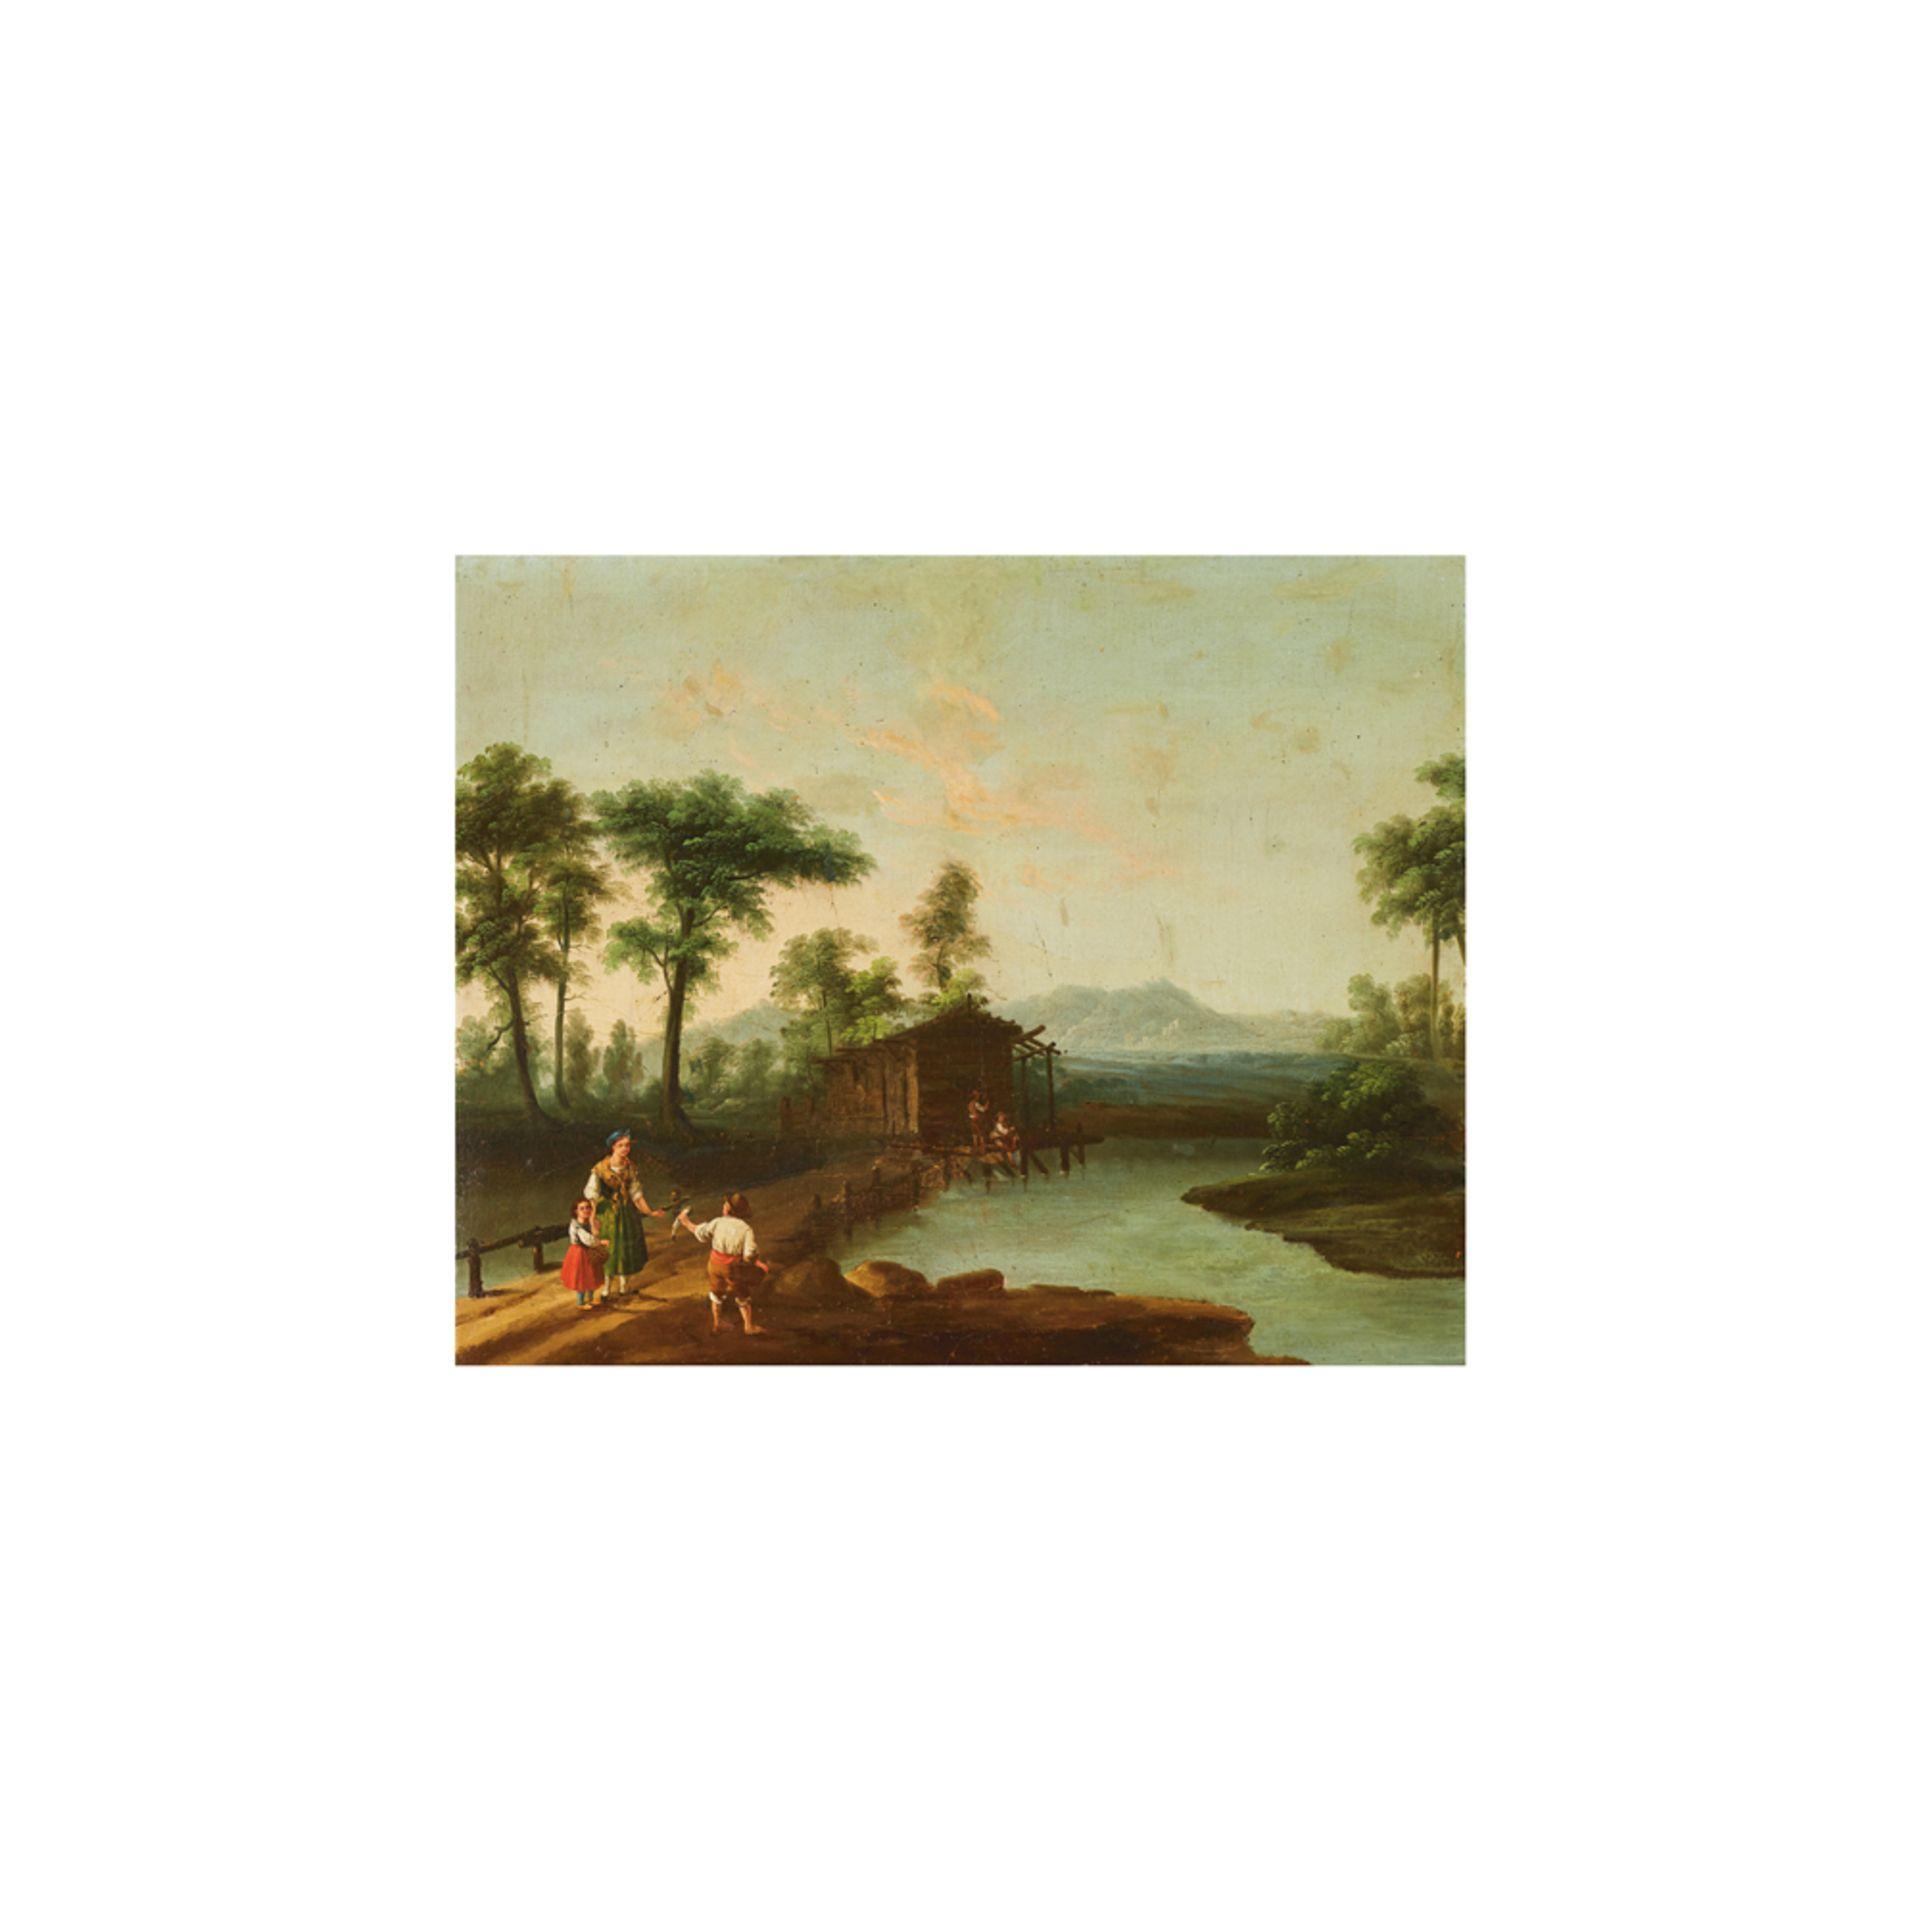 Los 23 - Escuela centroeuropea, s.XIX. Paisaje con figuras. Óleo sobre tela.